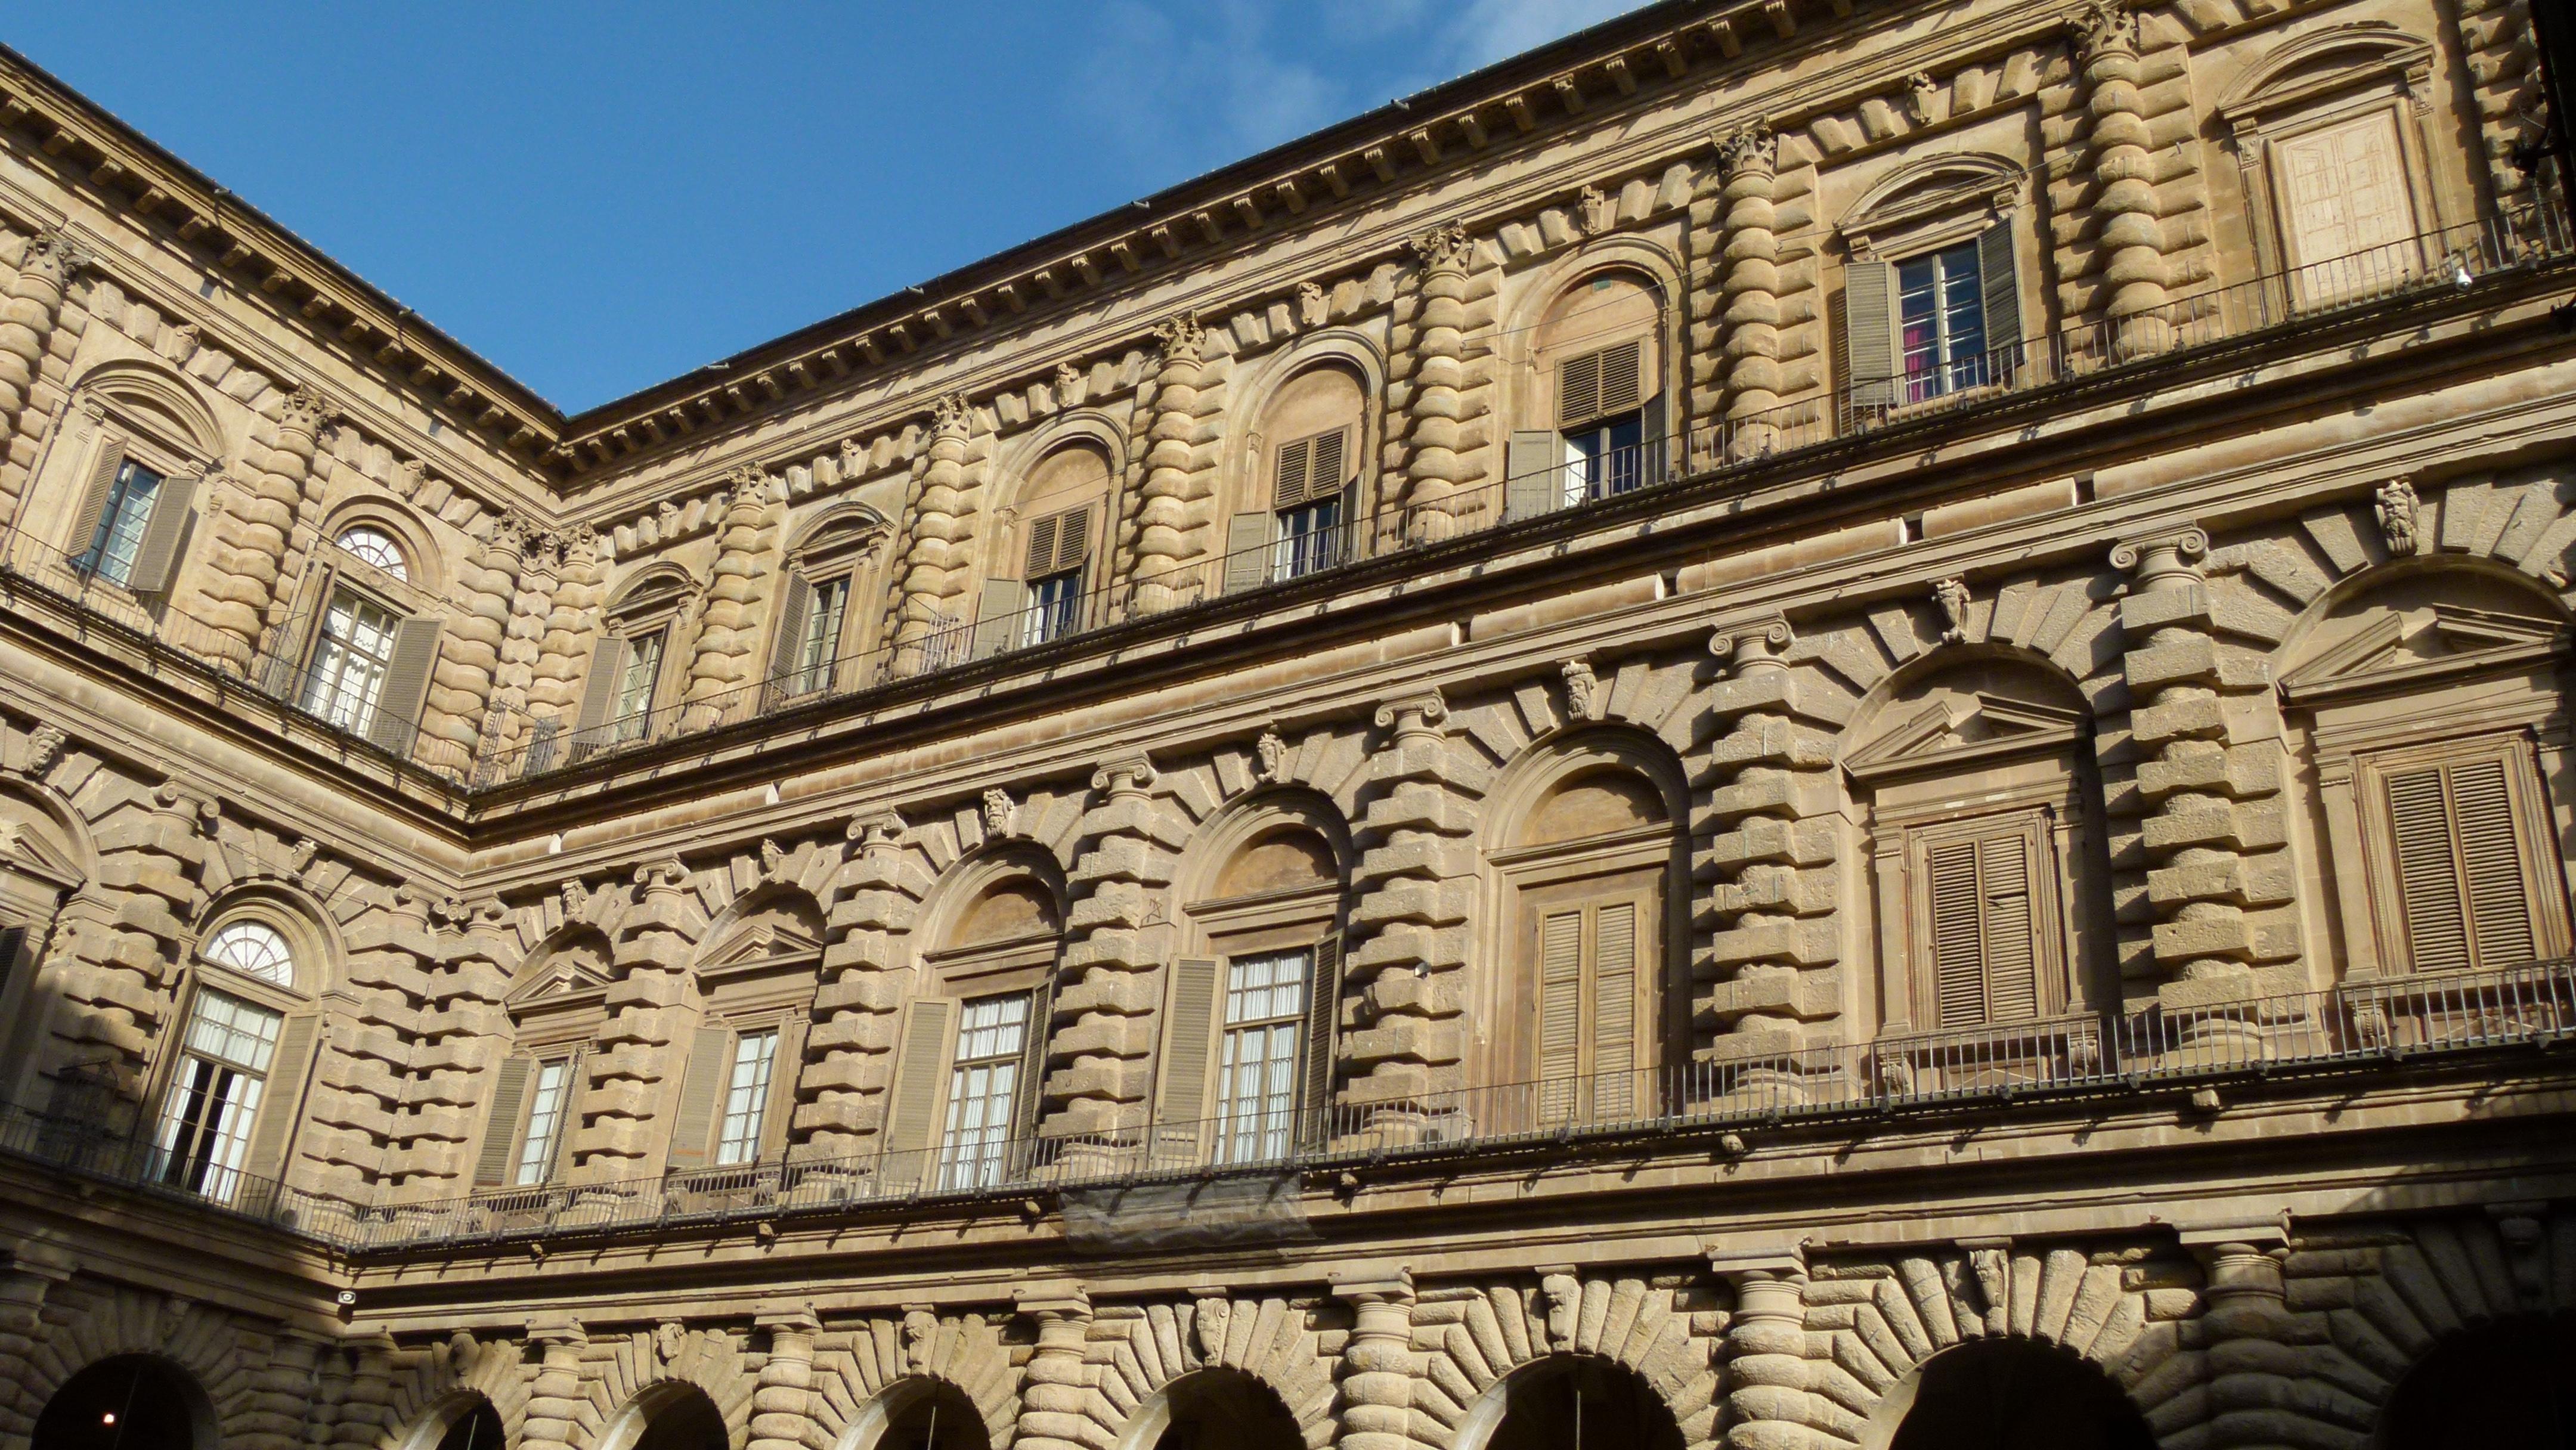 Palazzo pitti petra peters for Palazzo pitti